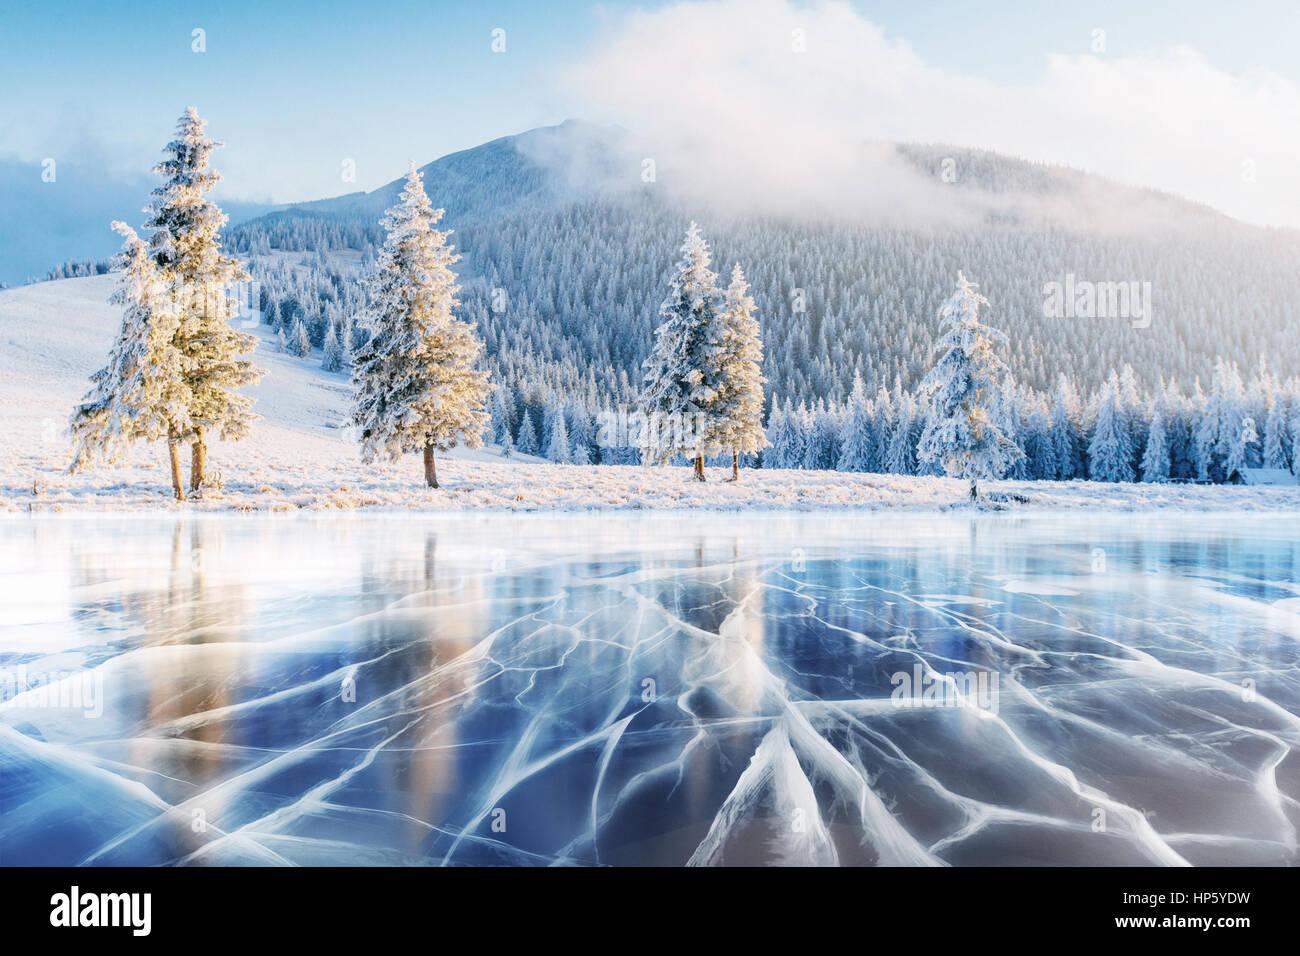 La glace bleue et des fissures sur la surface de la . Photo Stock